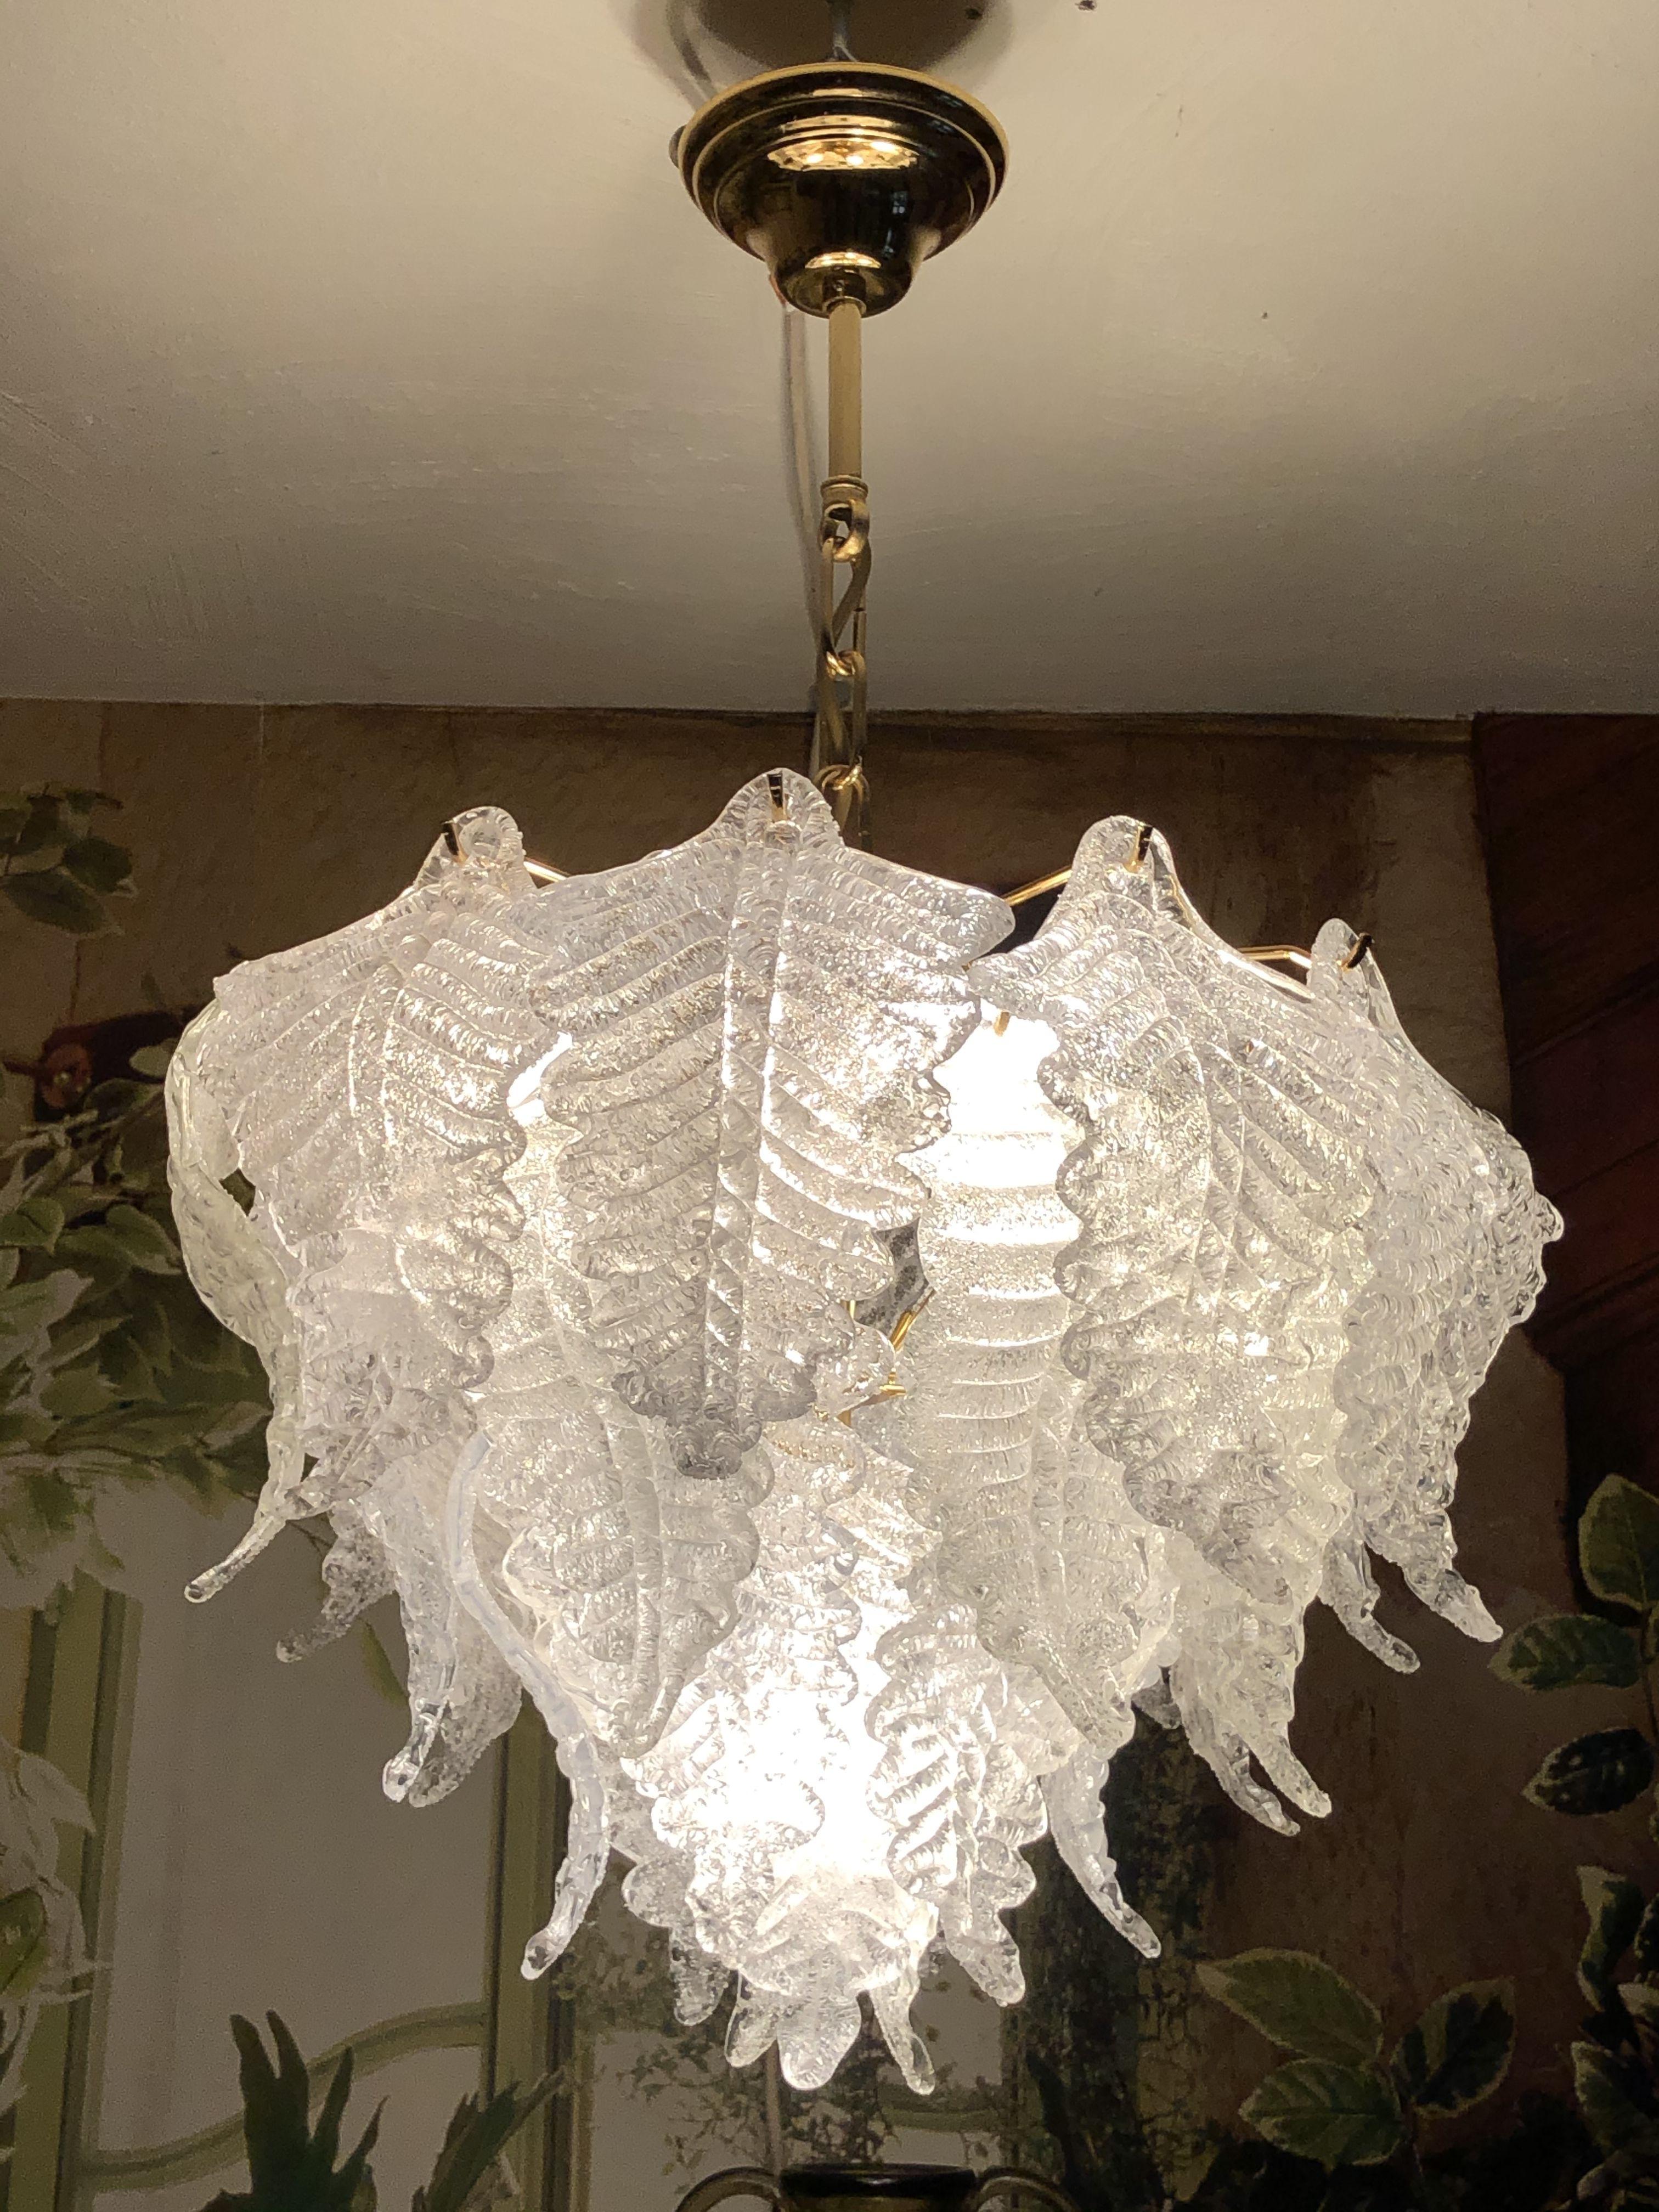 Mid Century Murano Barovier Toso Deckenlampe Deckenlampe Lampe Decke